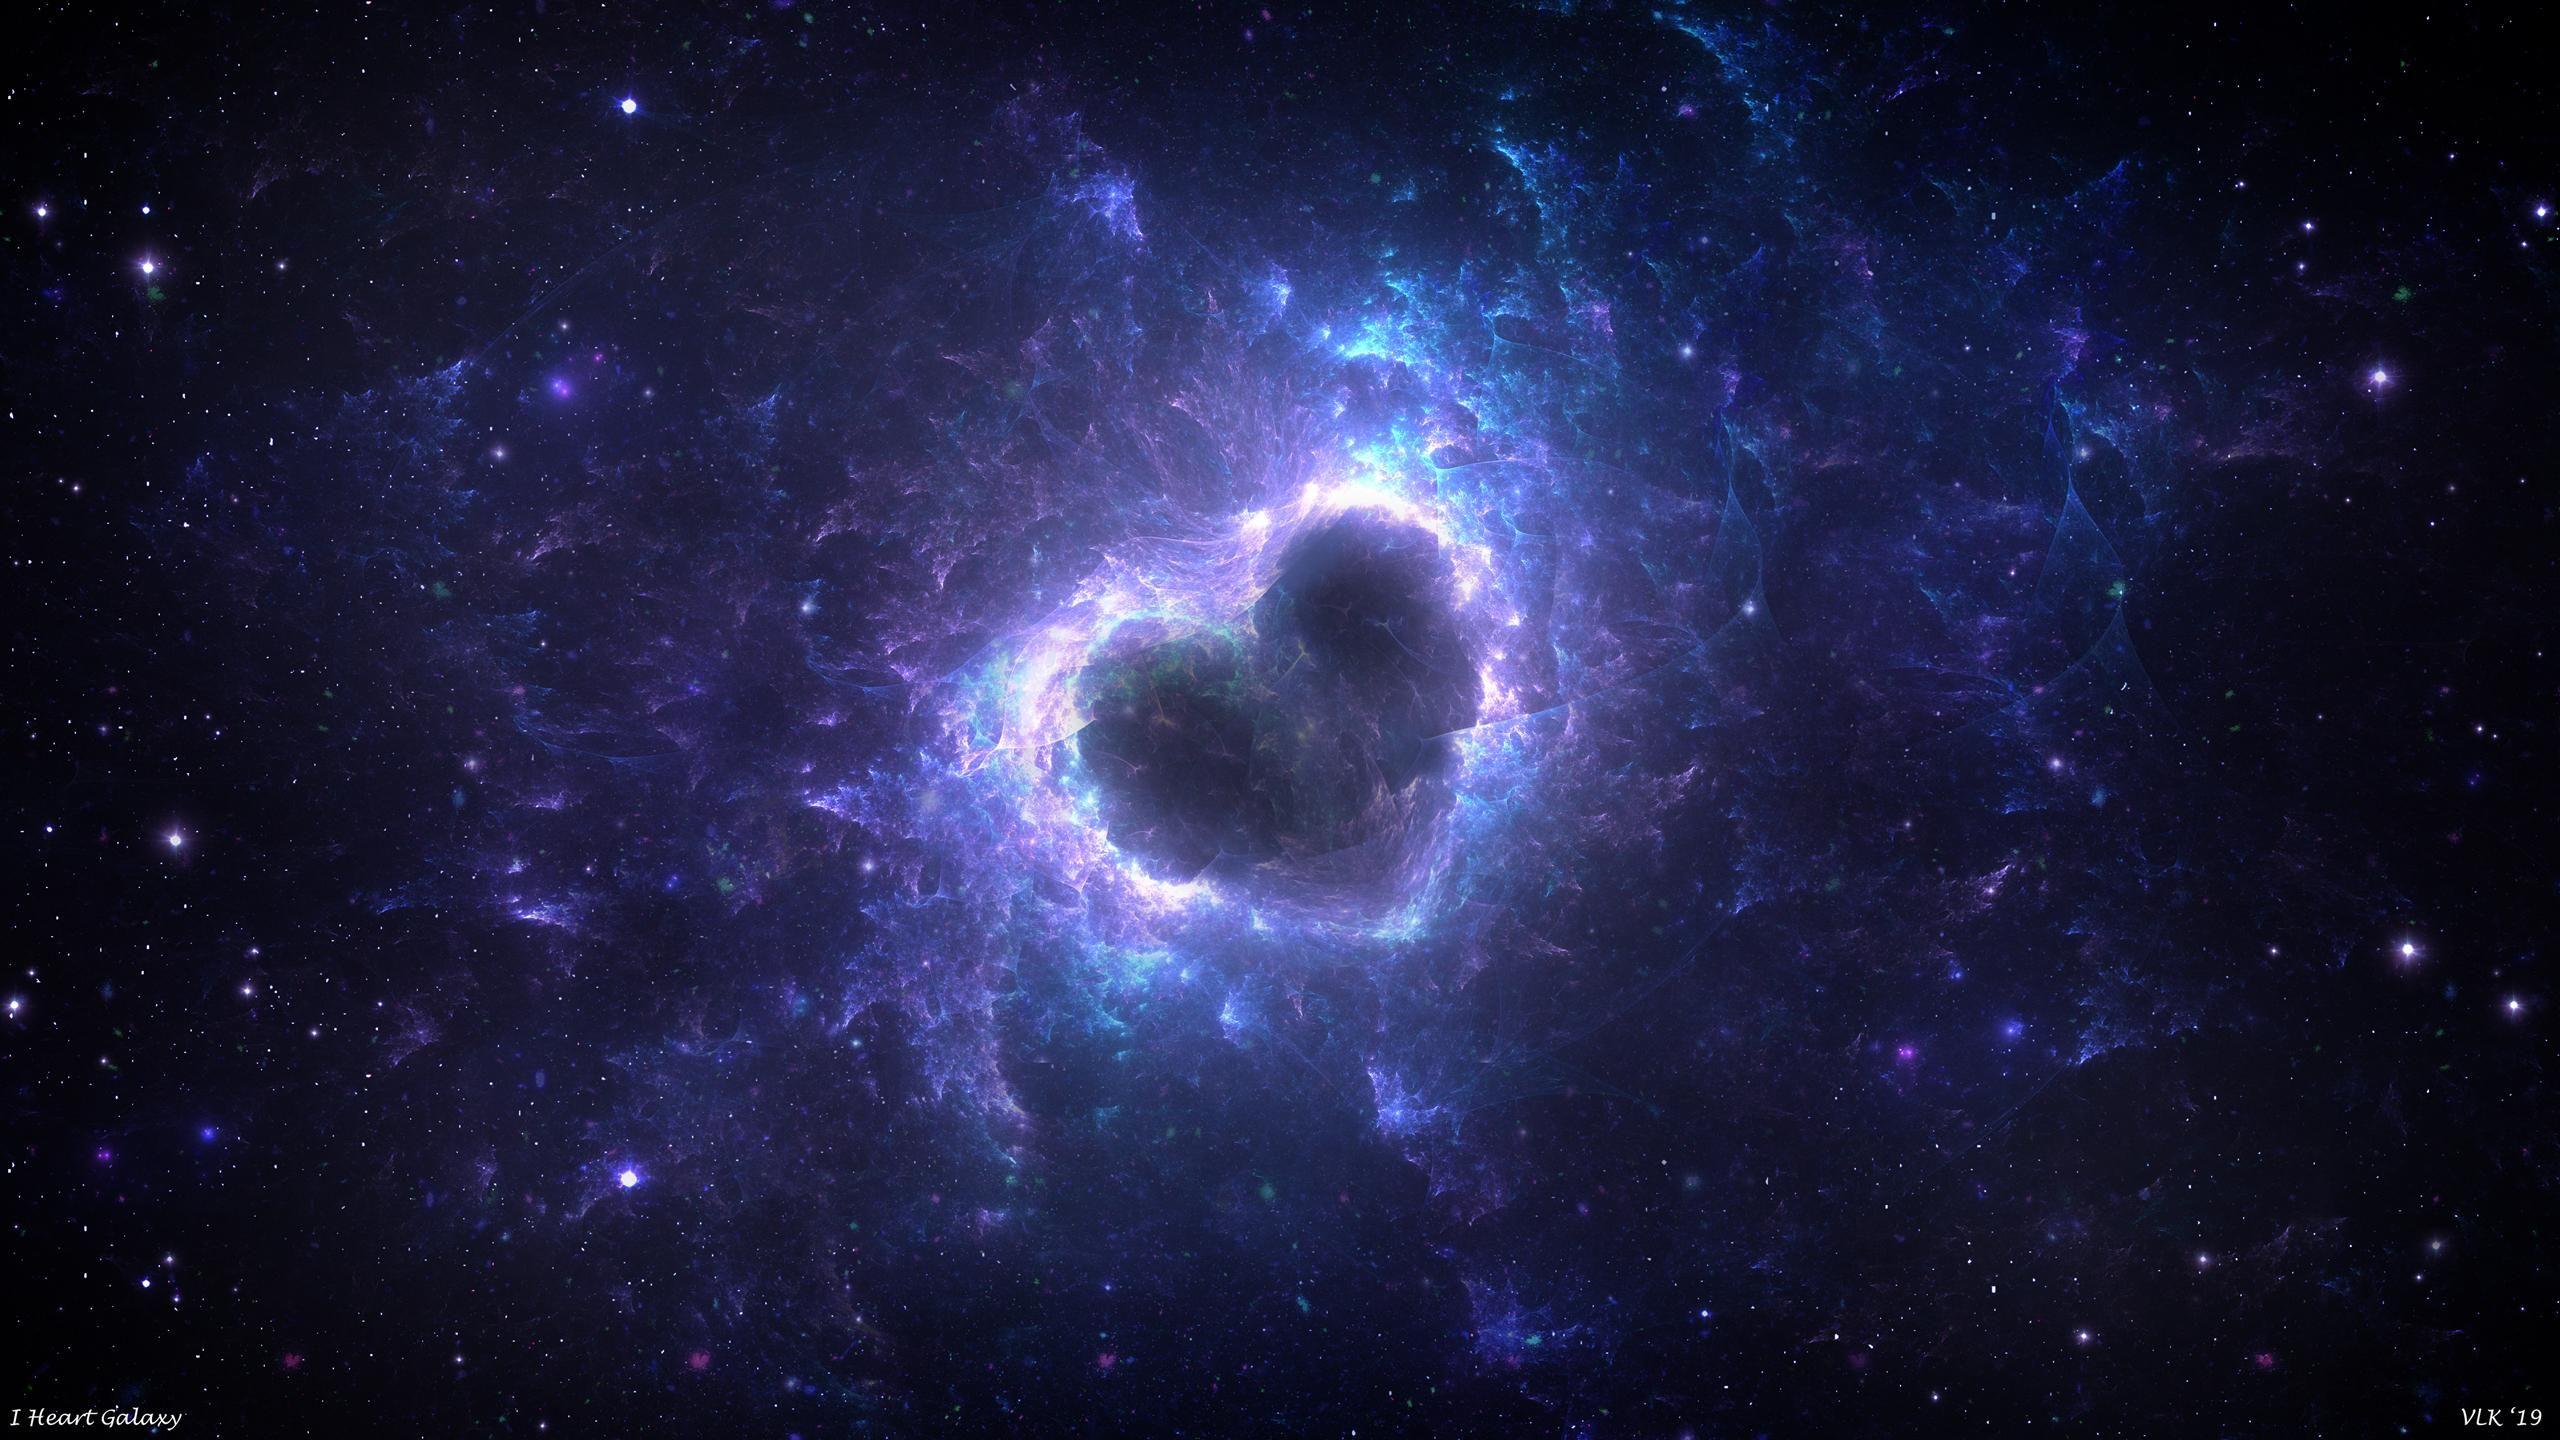 Hipster Galaxy Desktop Background Wallpaper Space Galaxy Background Wallpaper